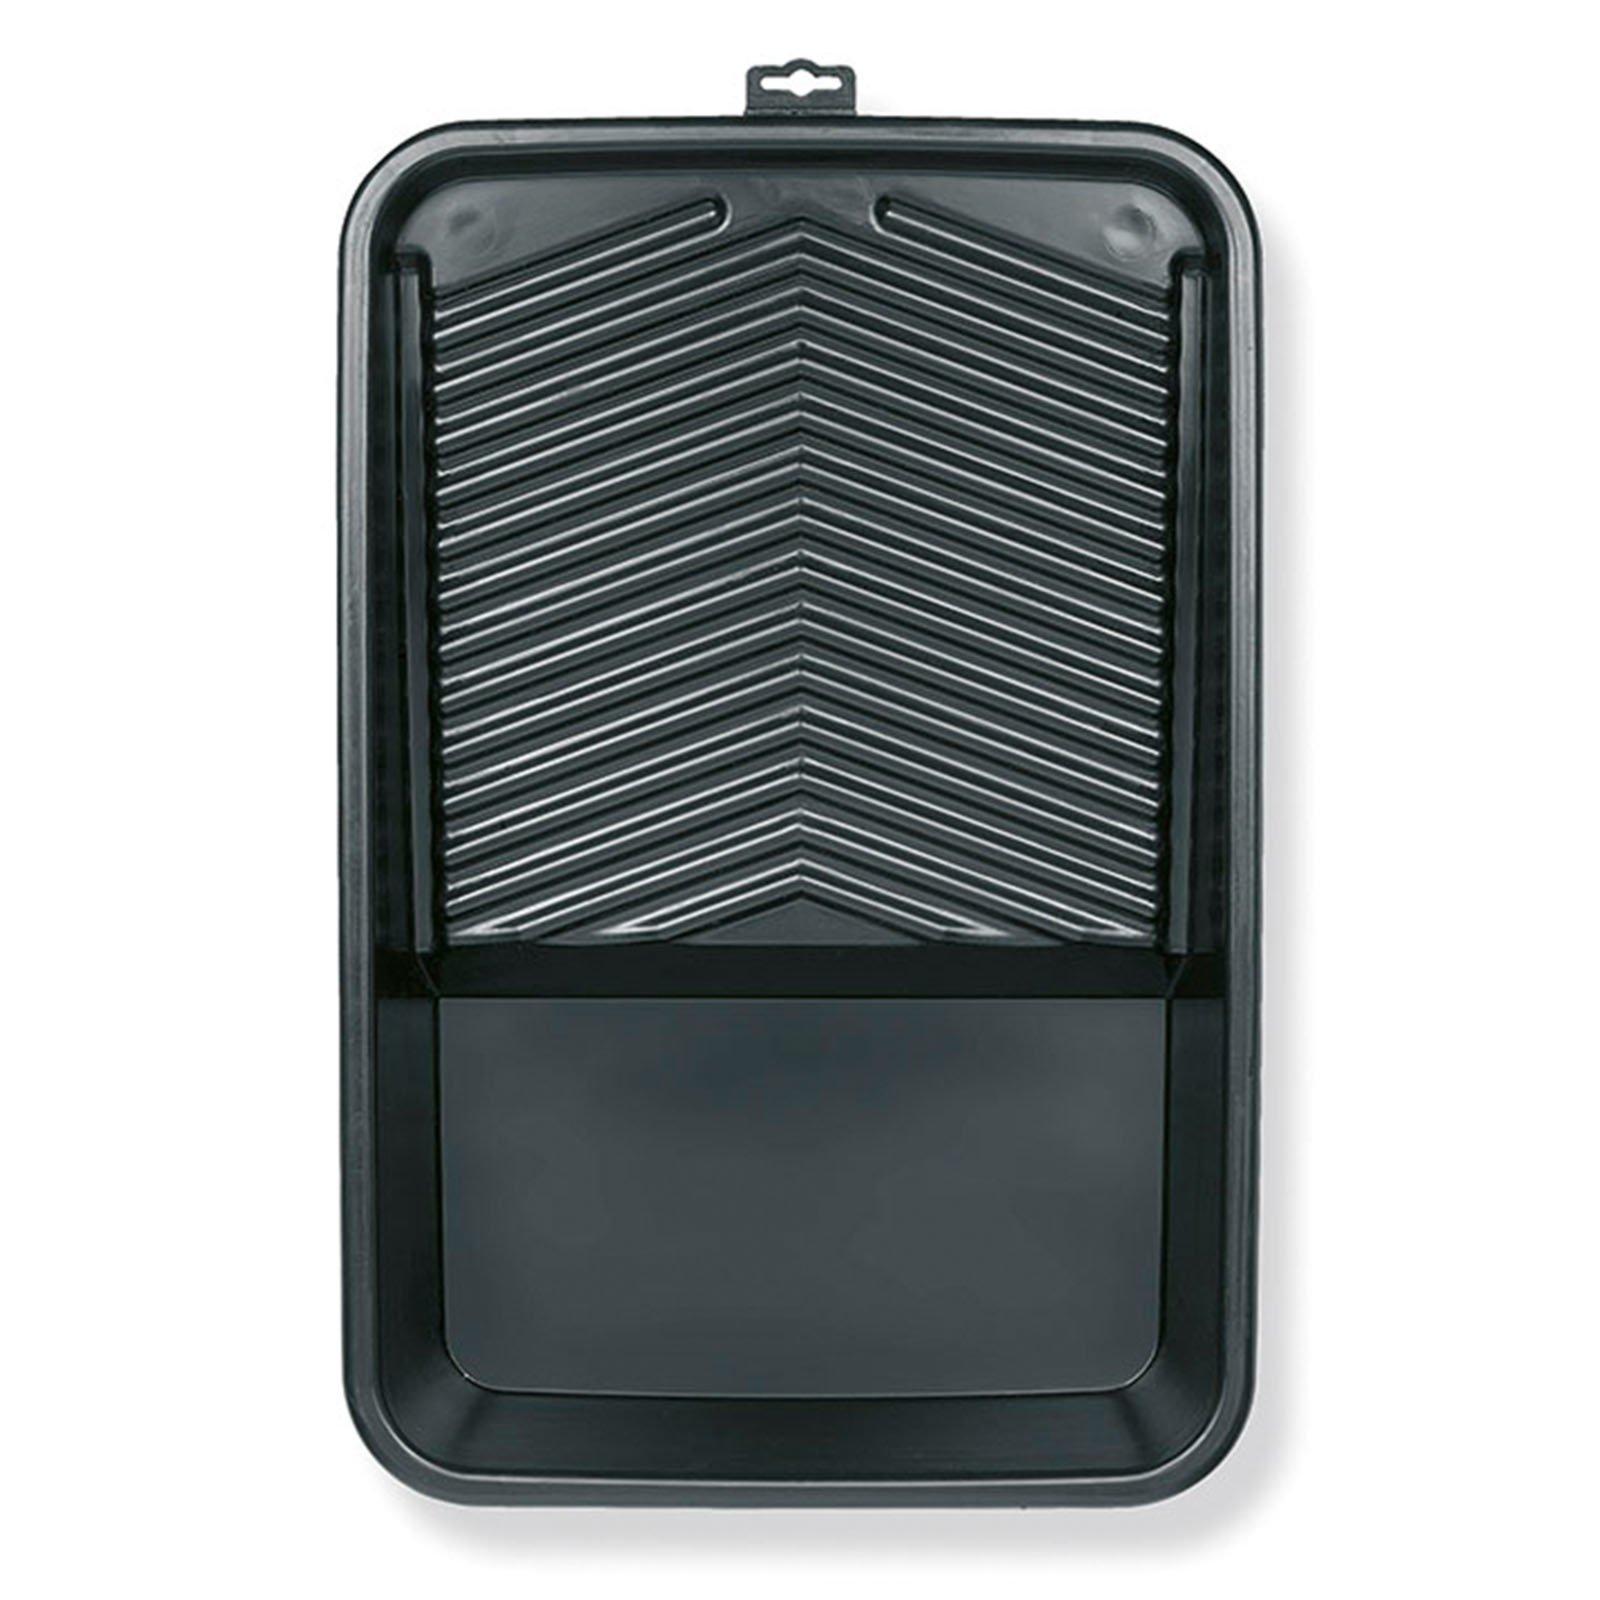 Farbwanne - schwarz - Kunststoff